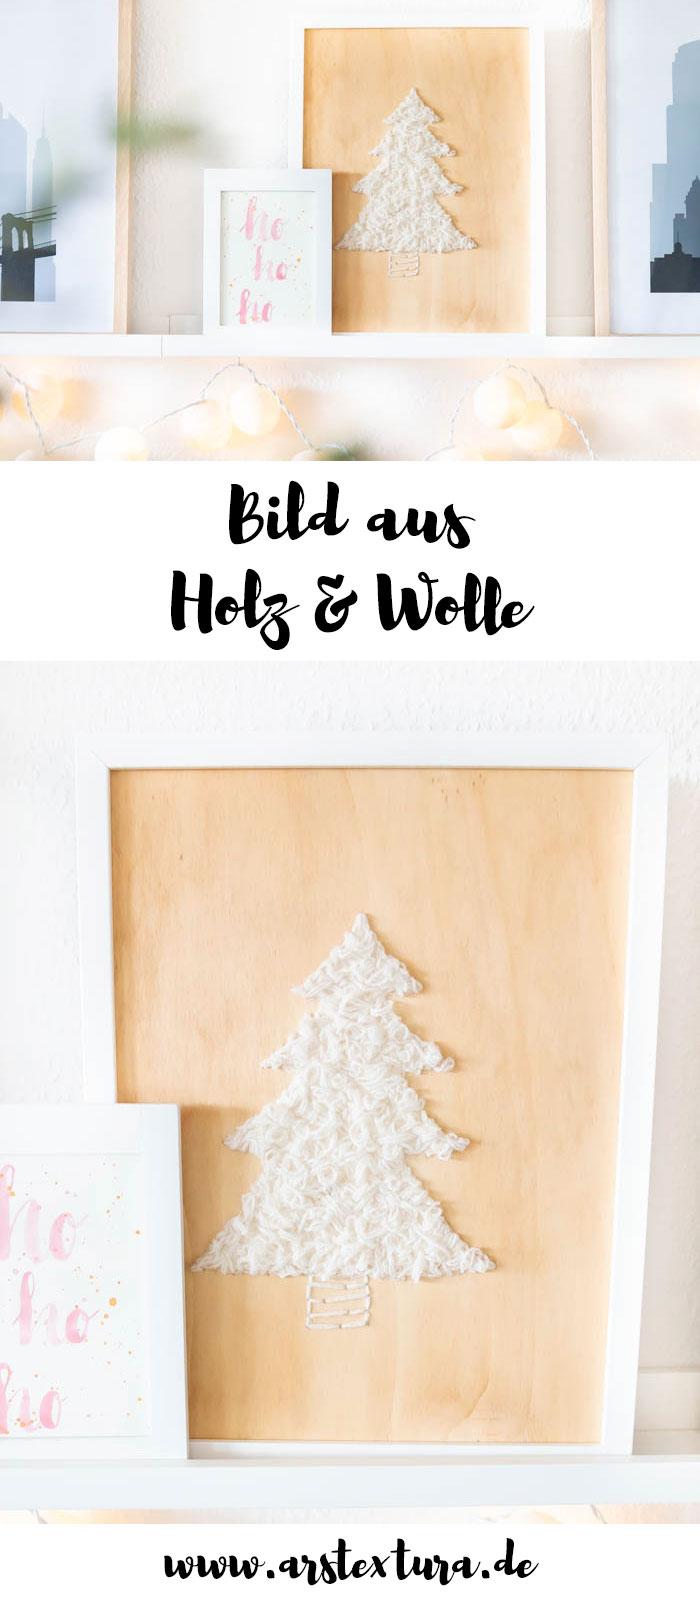 Weihnachtsdeko: Tannenbaum auf Holz sticken